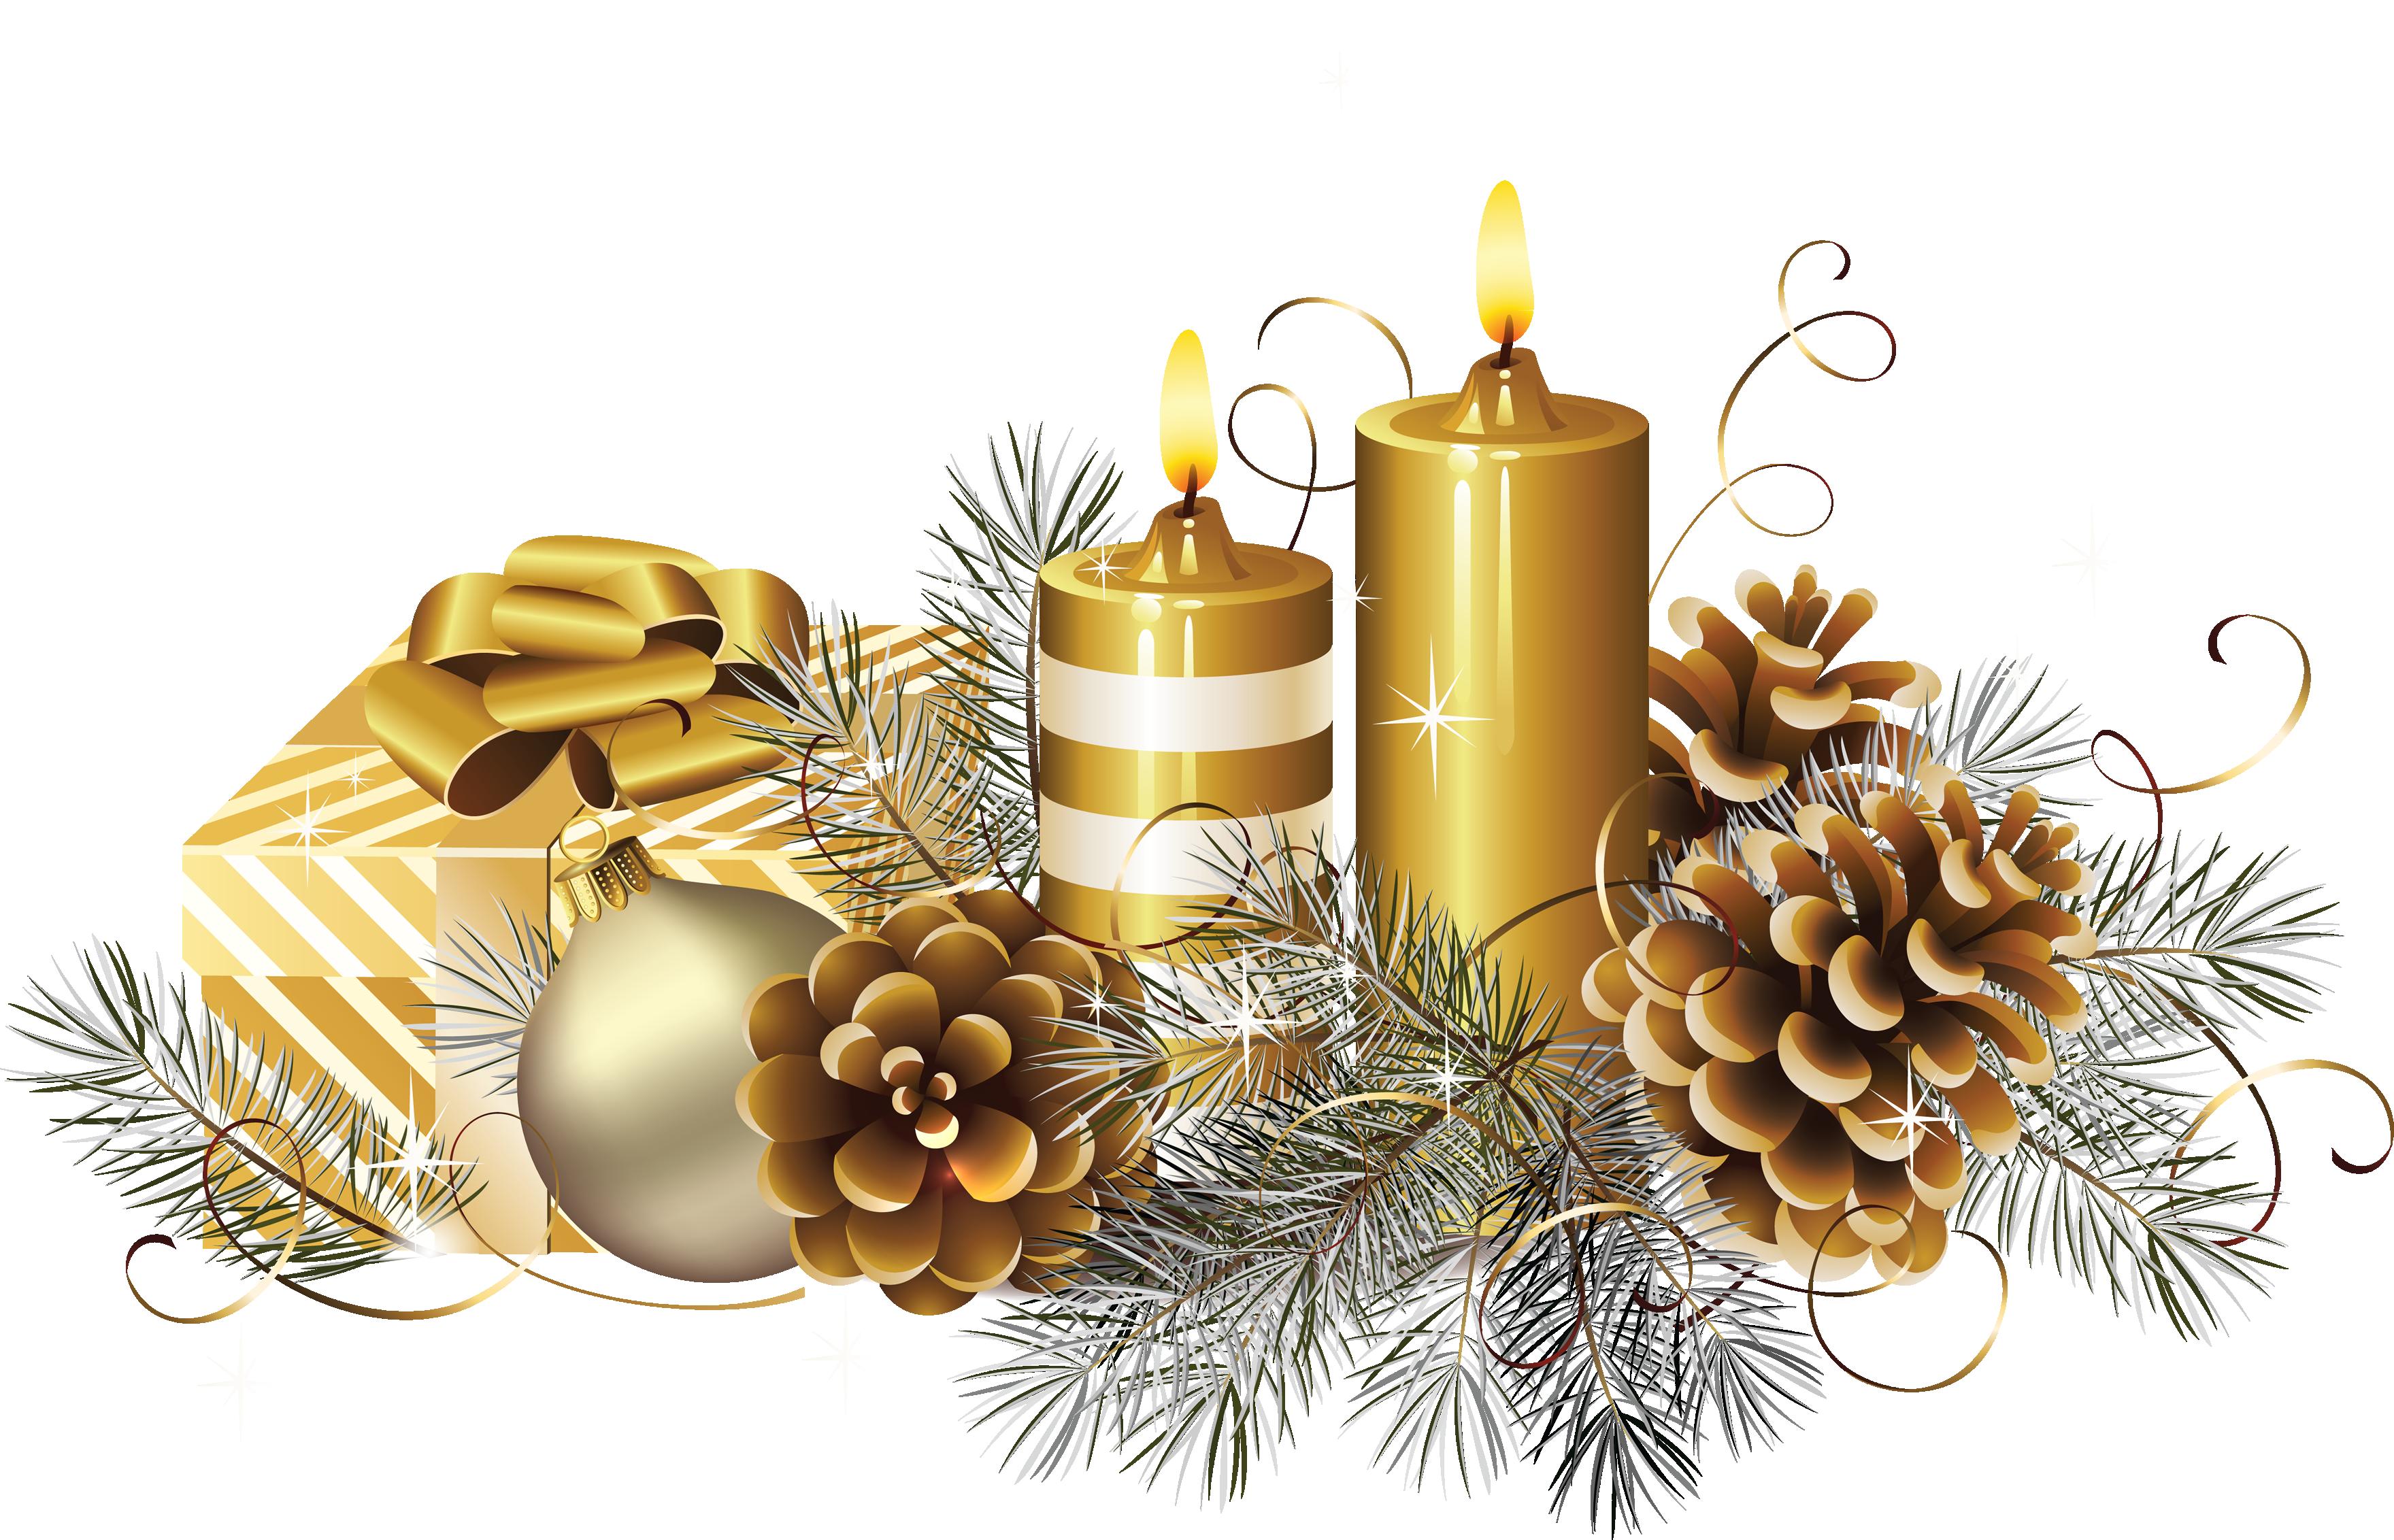 Christmas Candle S Png Image Christmas Candles Christmas Candle Xmas Deco